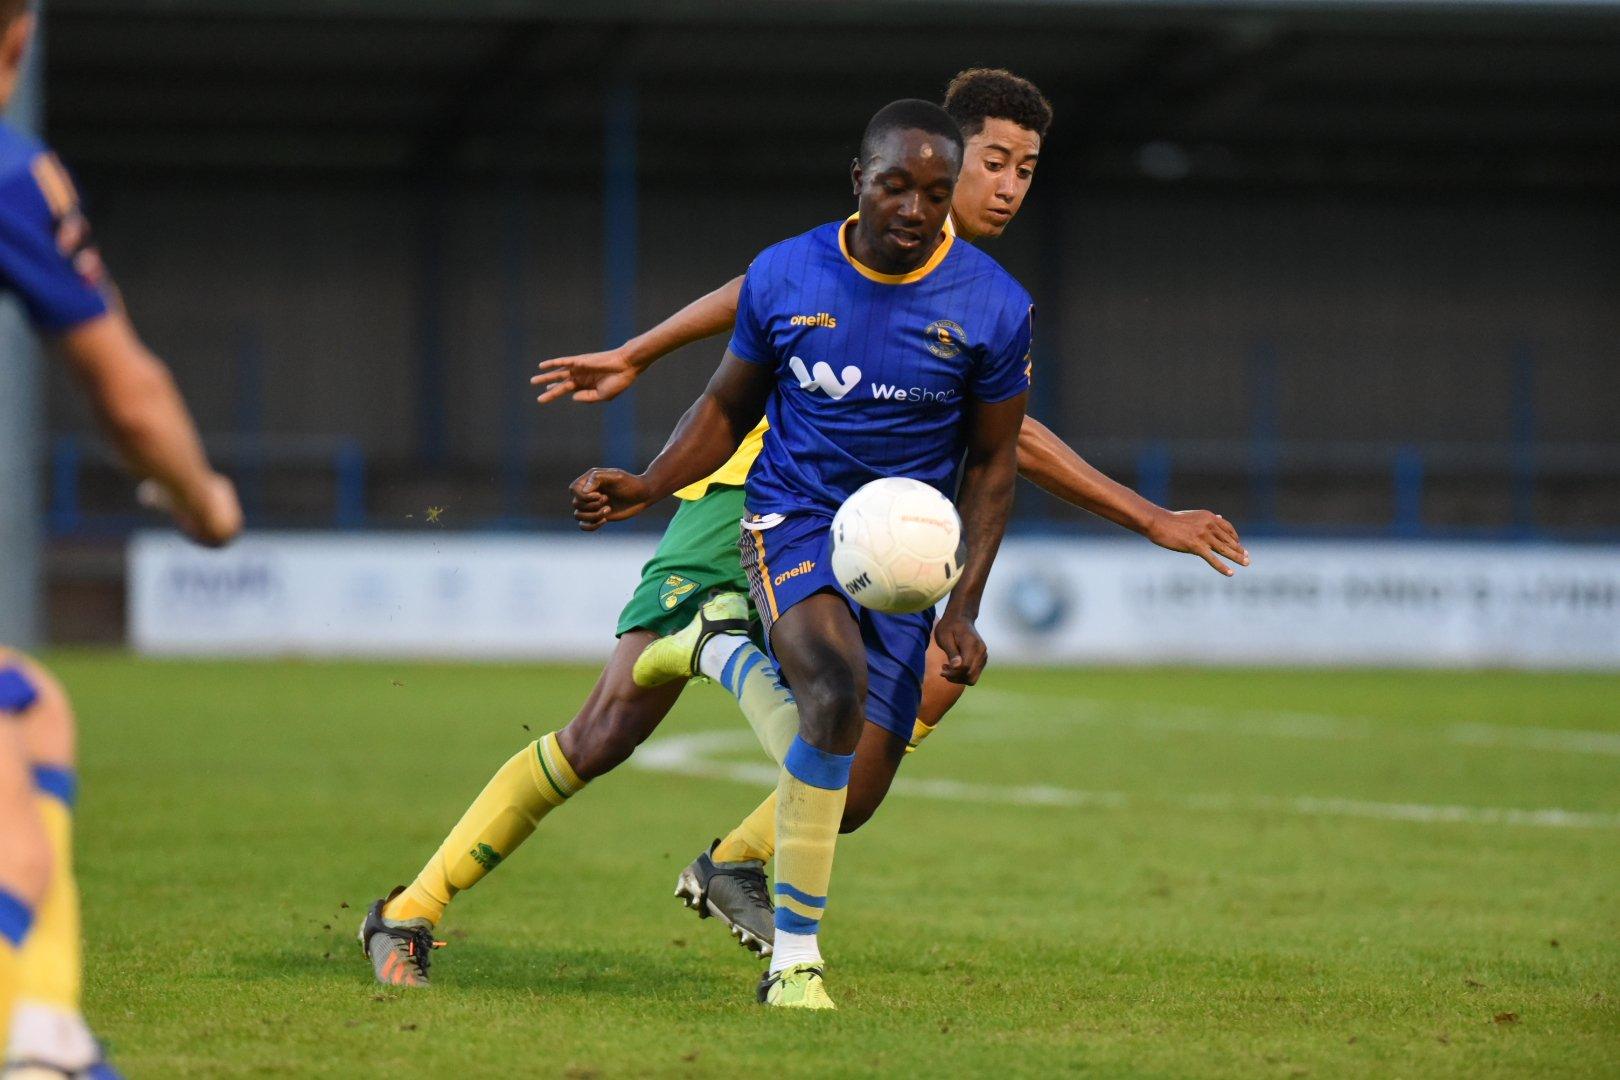 Loza Norwich City U23